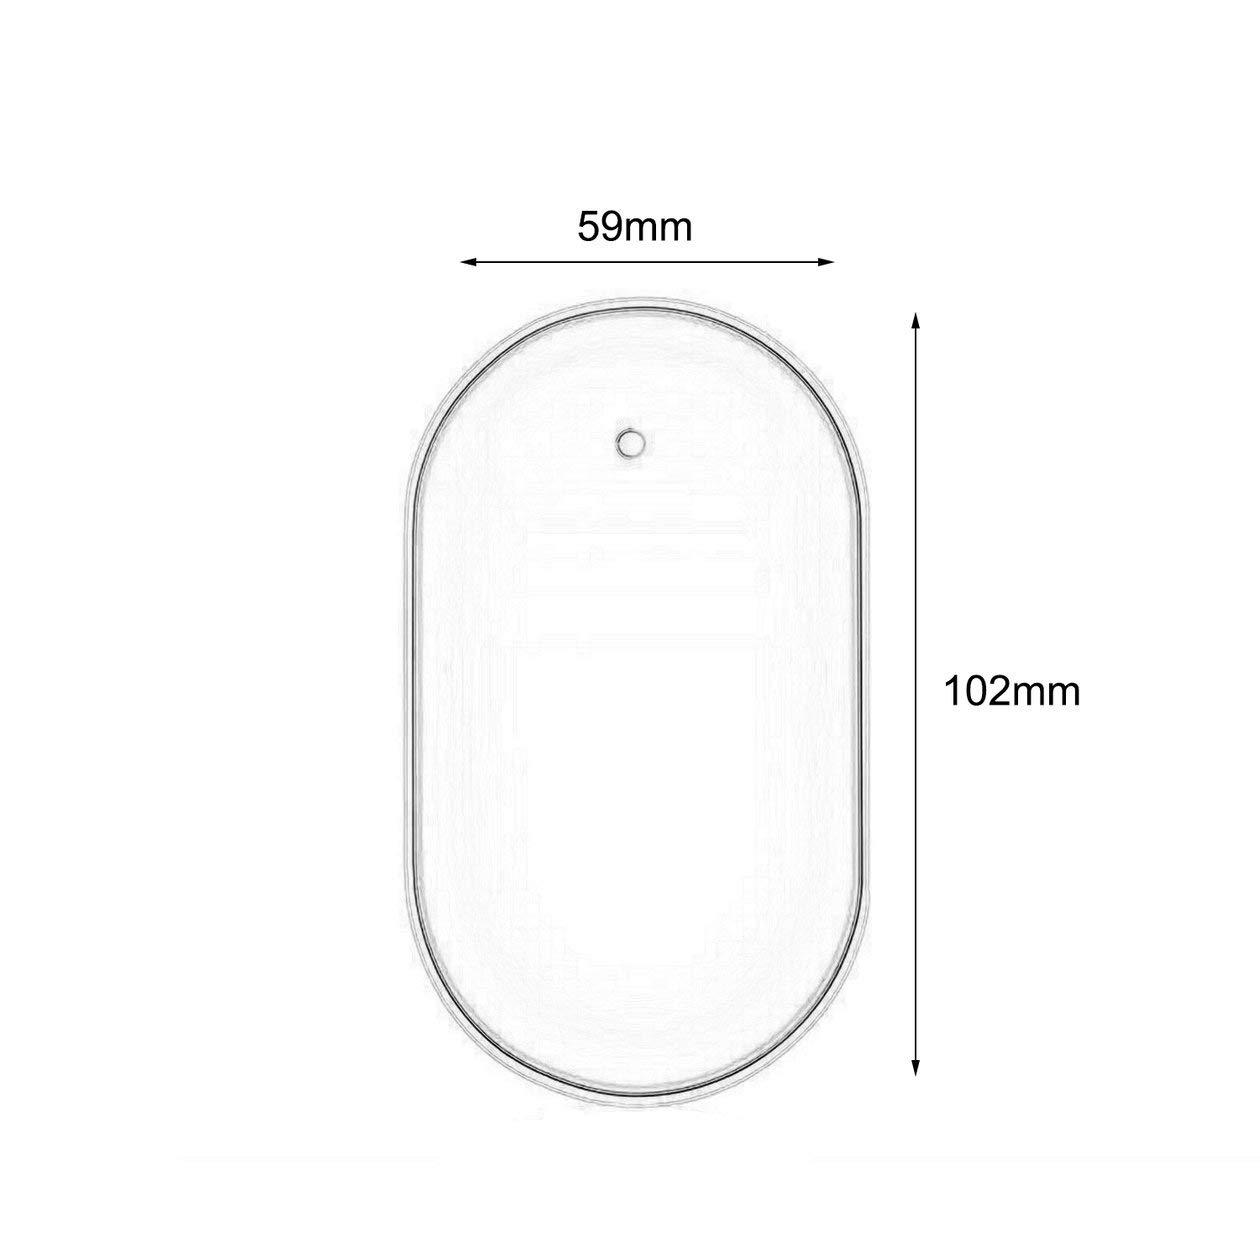 HONGIGI R/échauffeur de Main de Chargement USB sans Eau Couleur: Argent USB